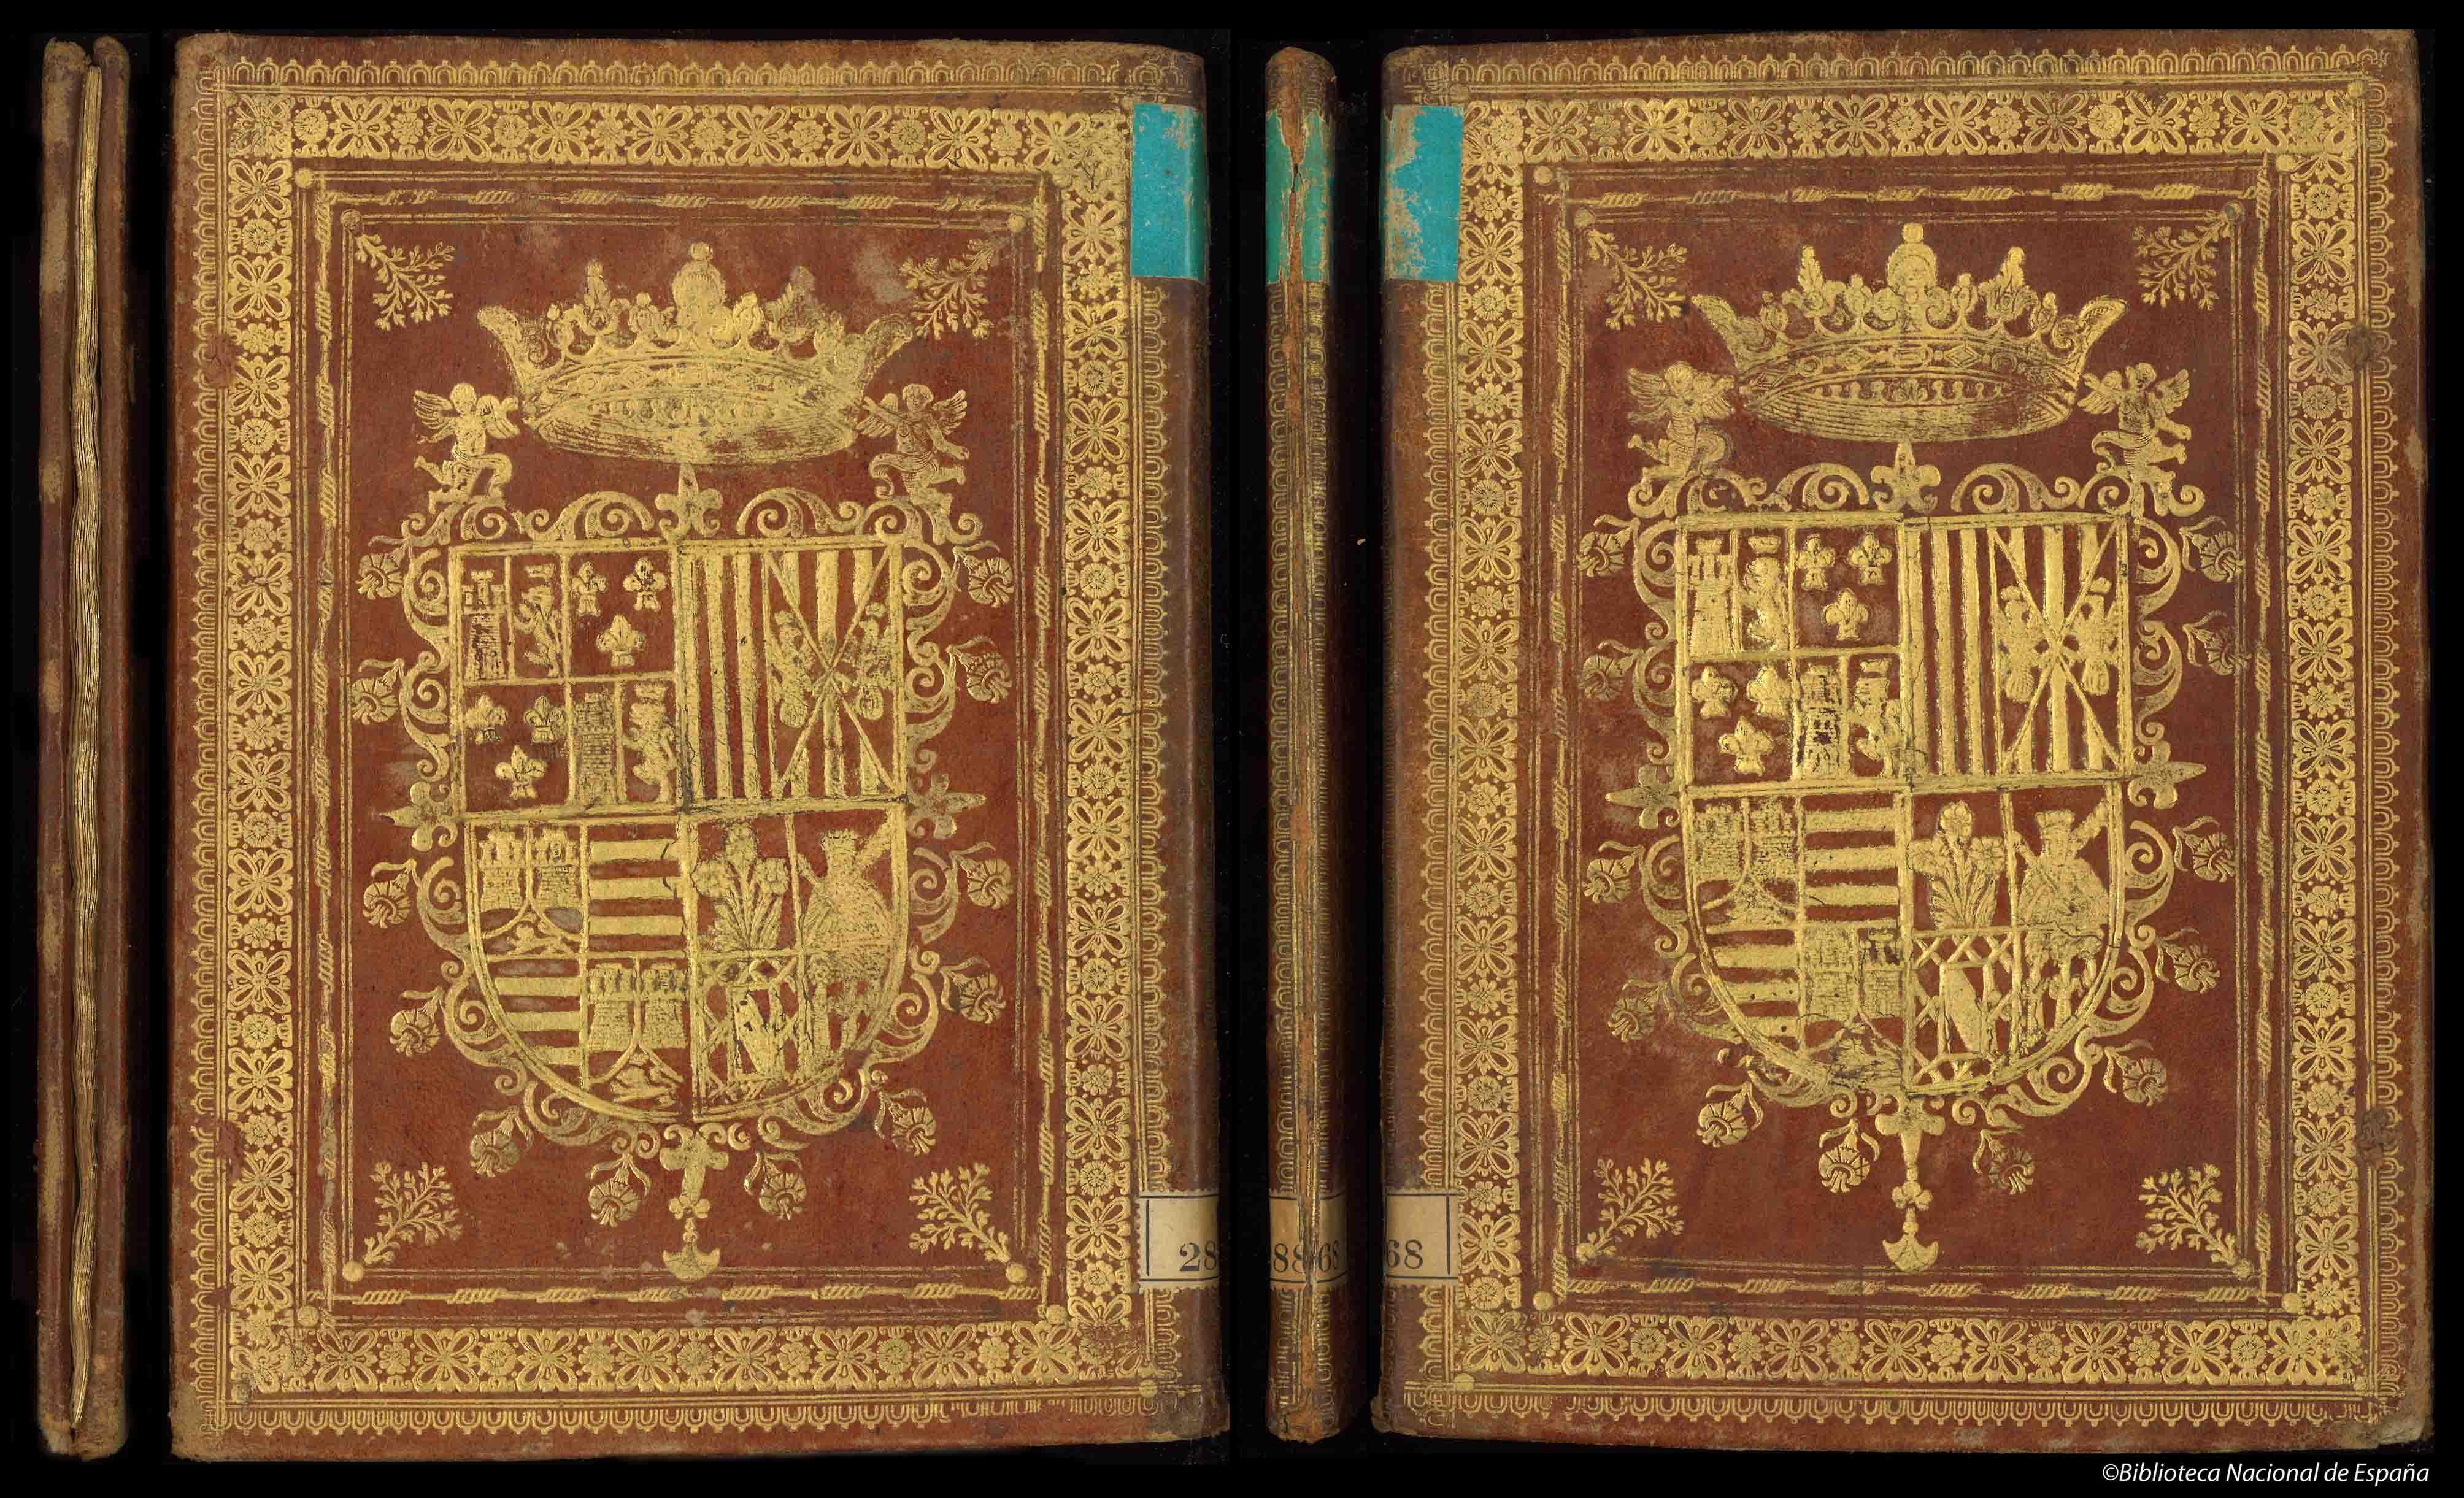 Encuadernación heráldica en piel avellana con hierros dorados en ambas cubiertas, con supralibros central del IX Duque de Medinaceli ; lomo cuajado y cortes dorados ; marcas de correíllas de tela